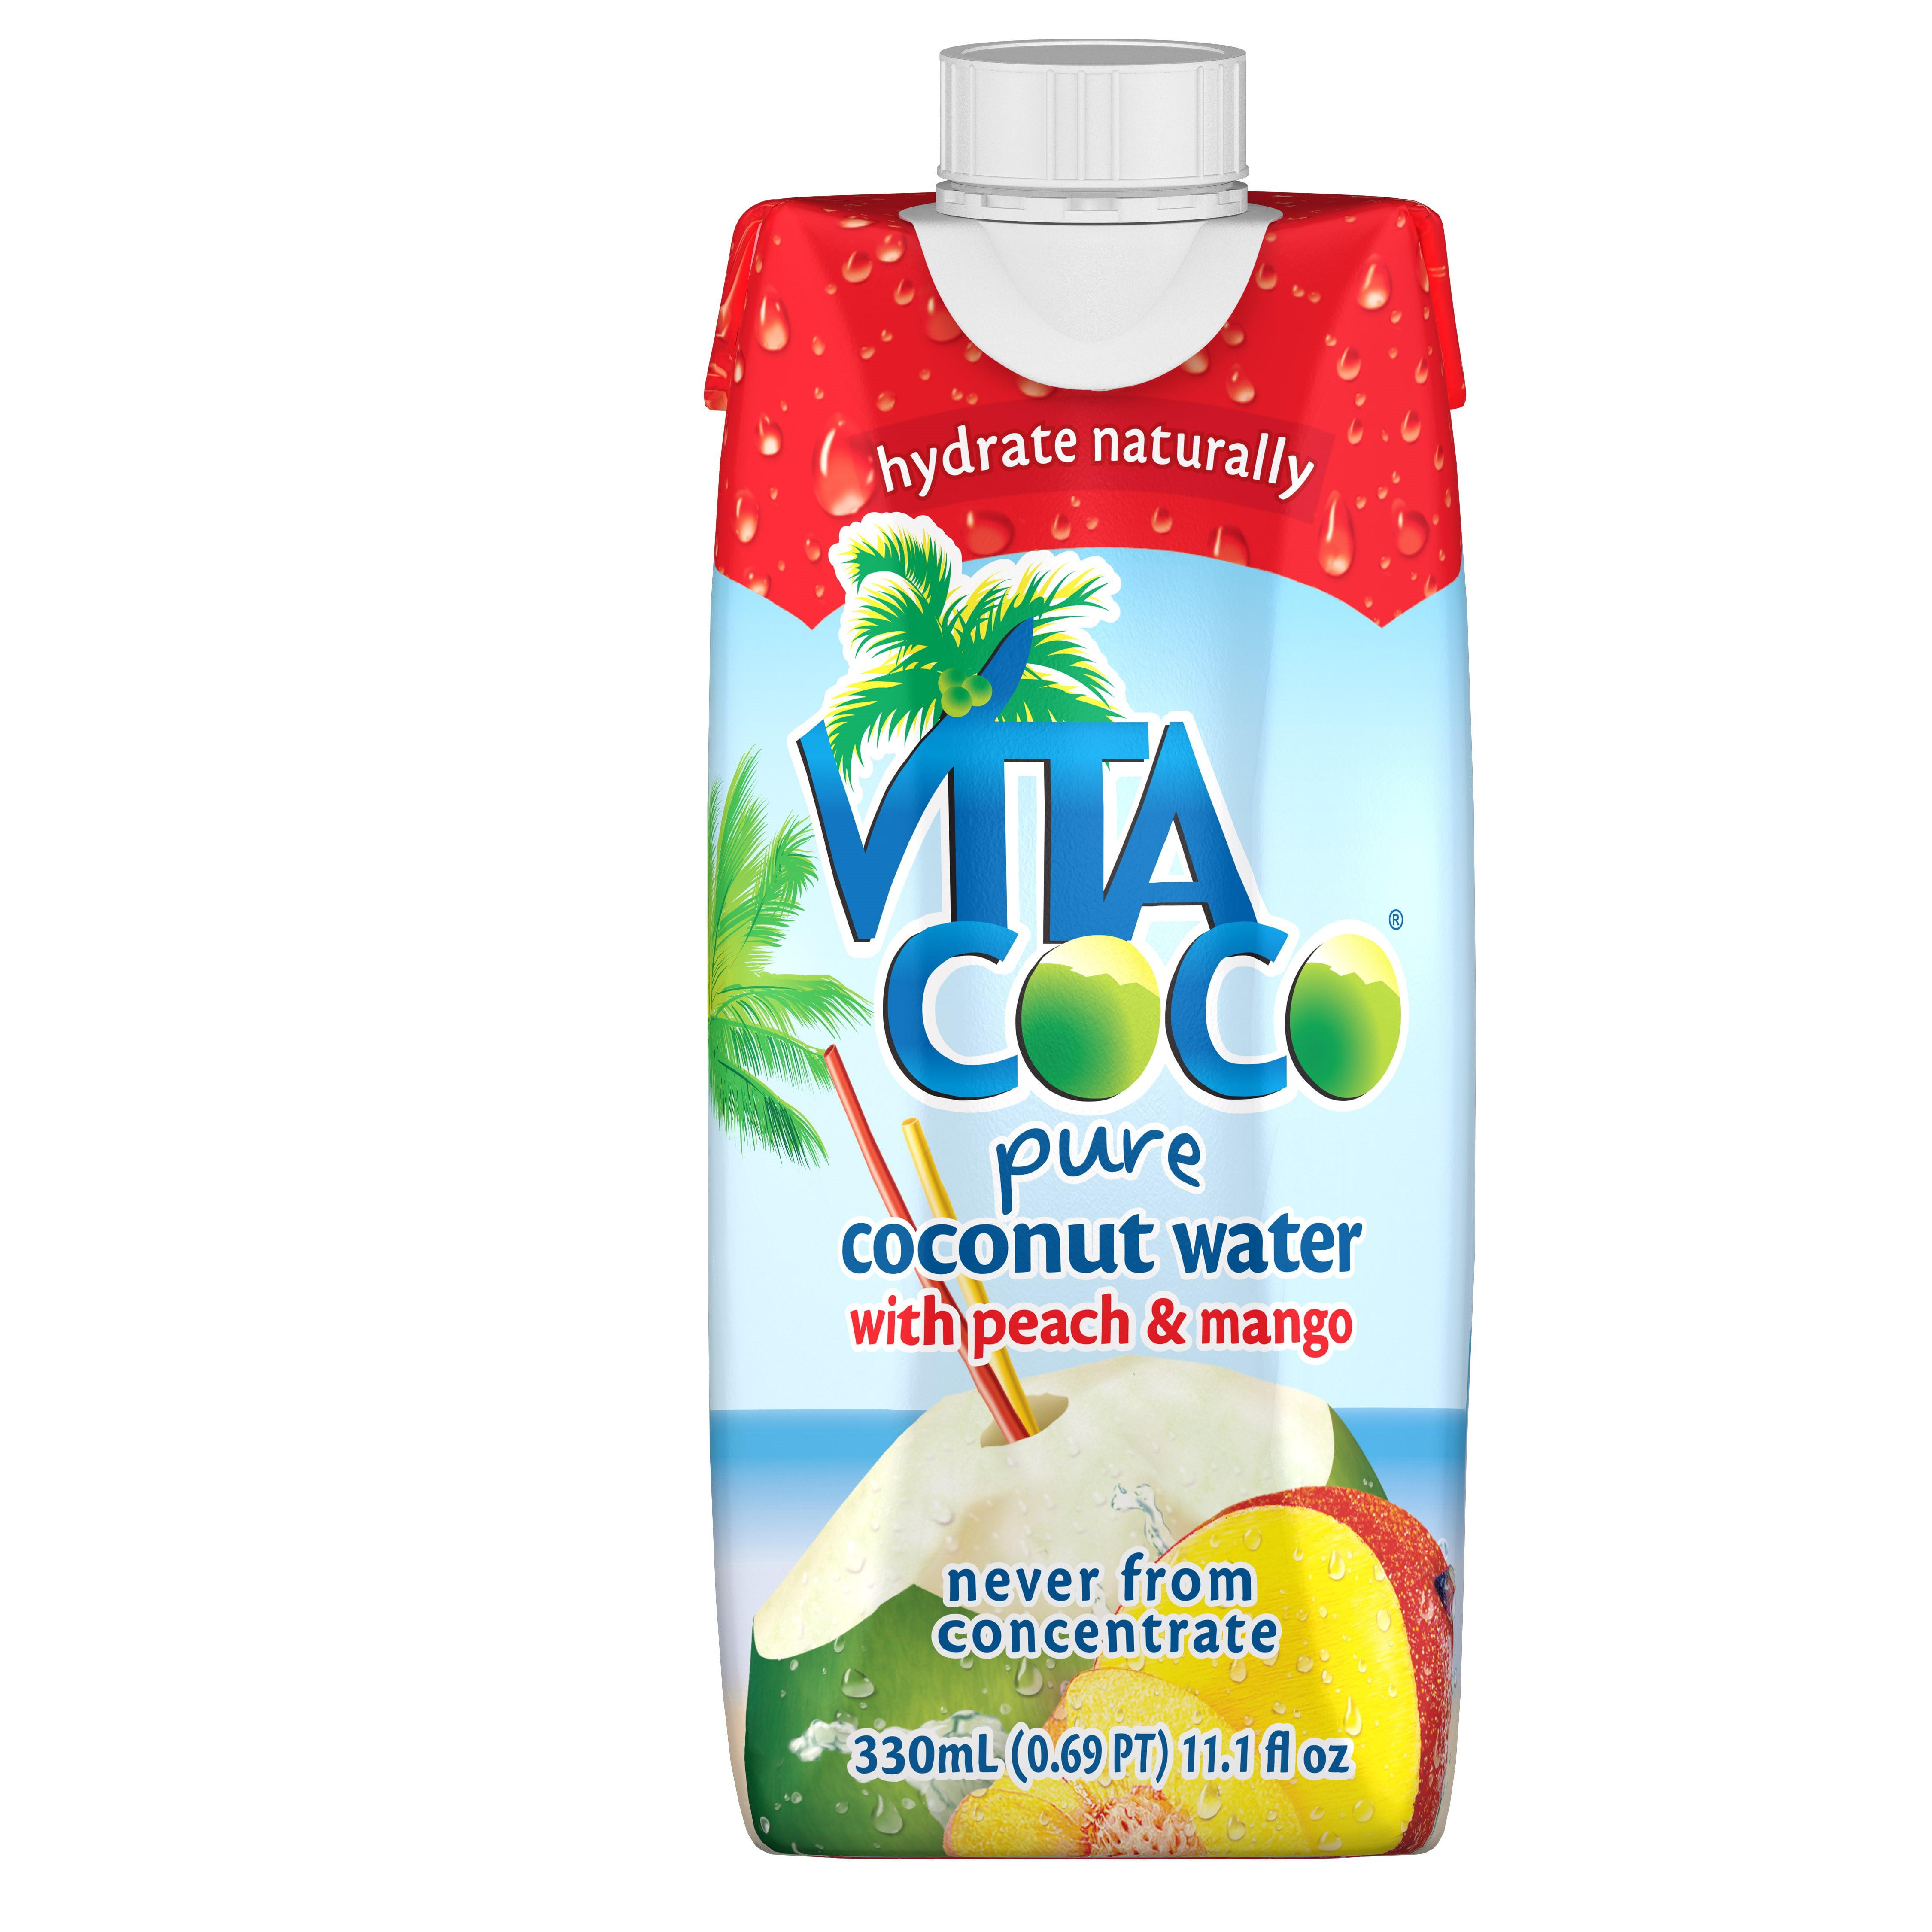 Vita Coco Coconut Water, Peach And Mango, 11.1 Fl Oz, 12 Count